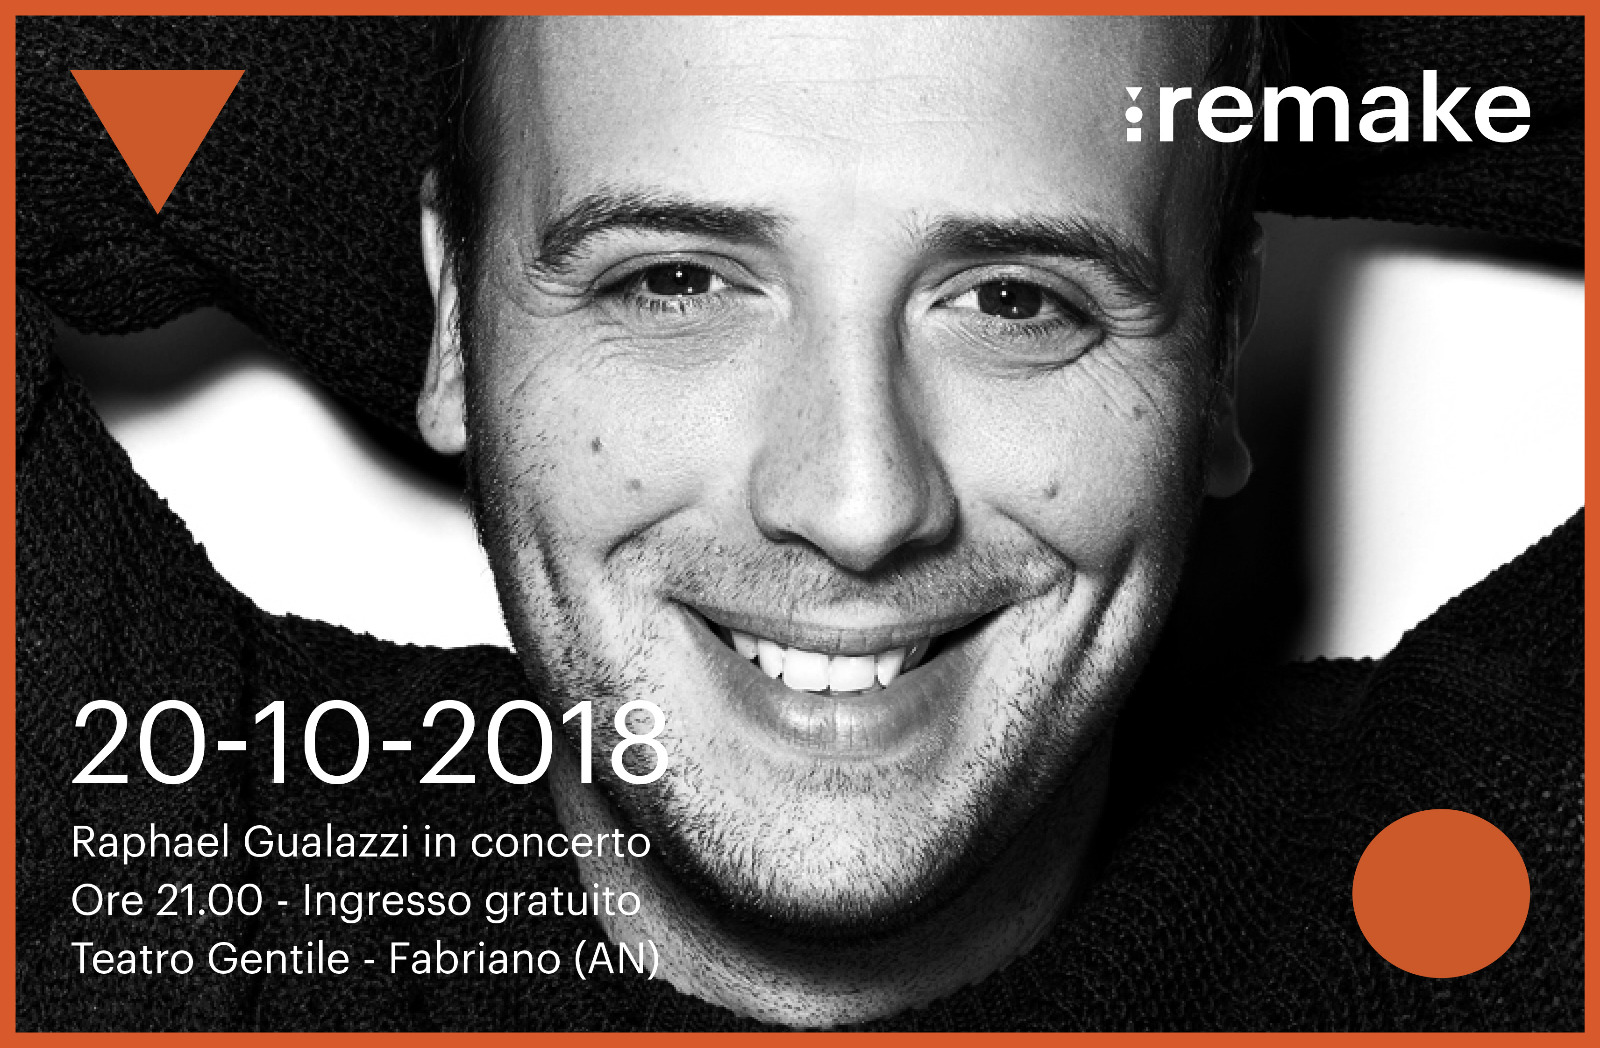 Raphael Gualazzi TRIO in concerto sabato 20 ottobre ore 21